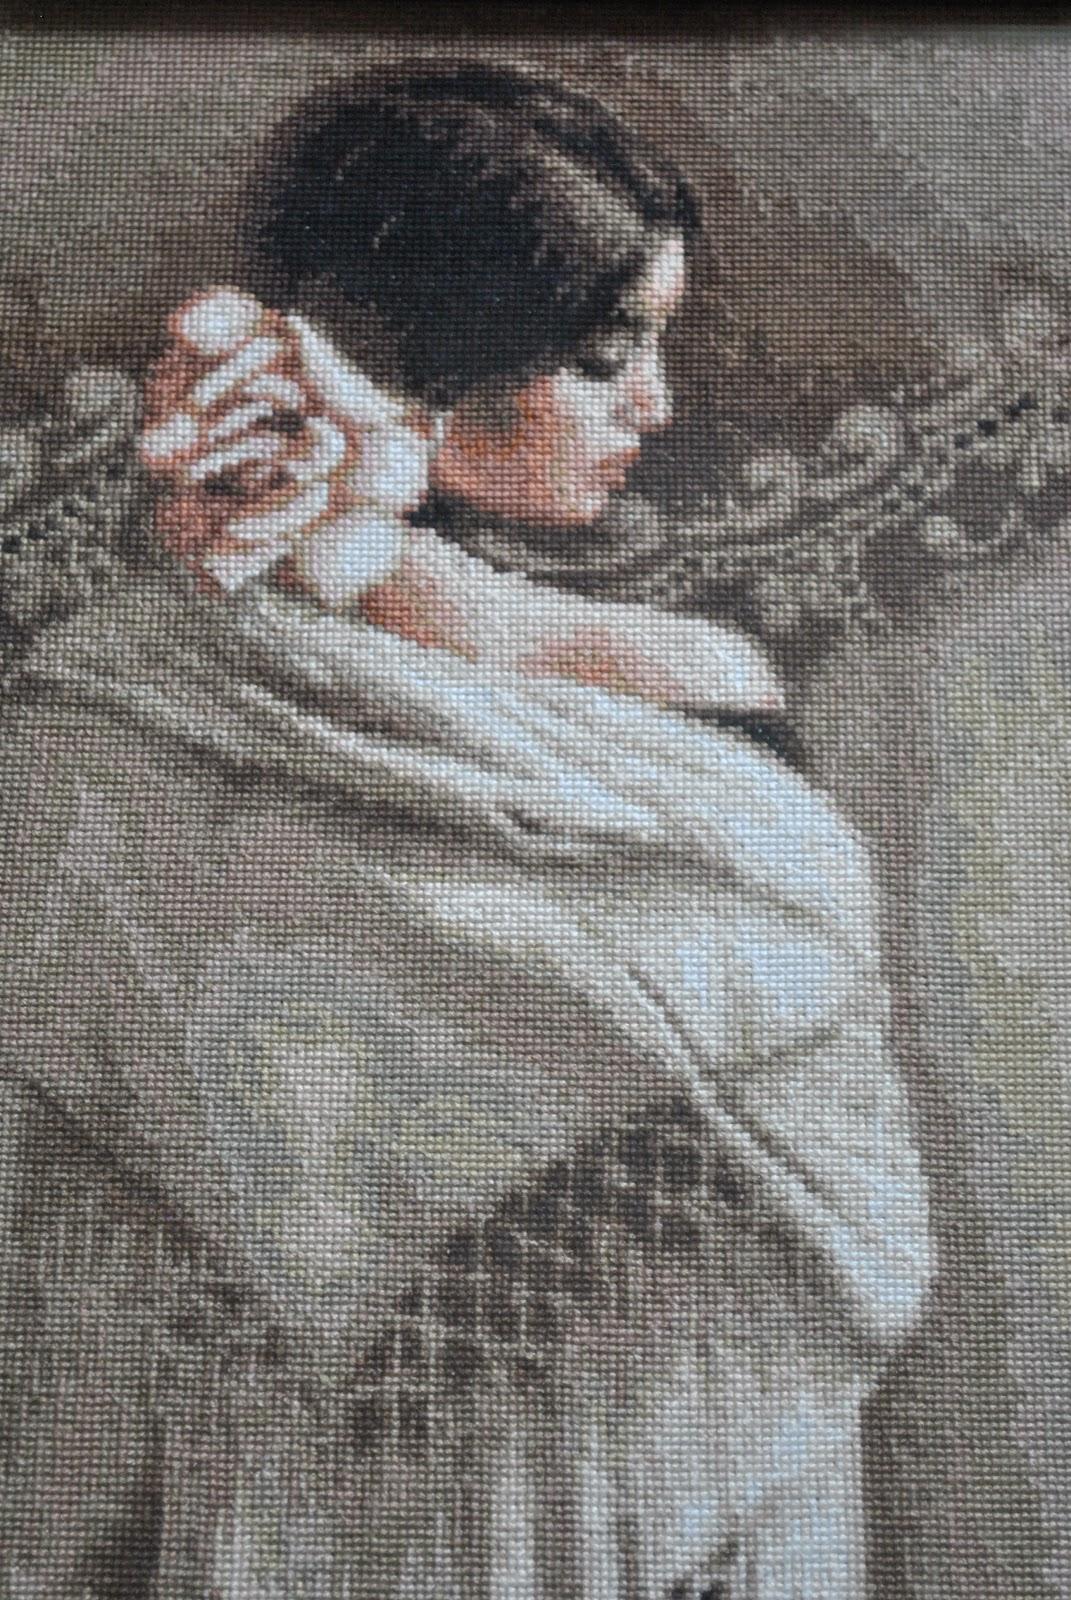 Вышивка испанка с шалью 94